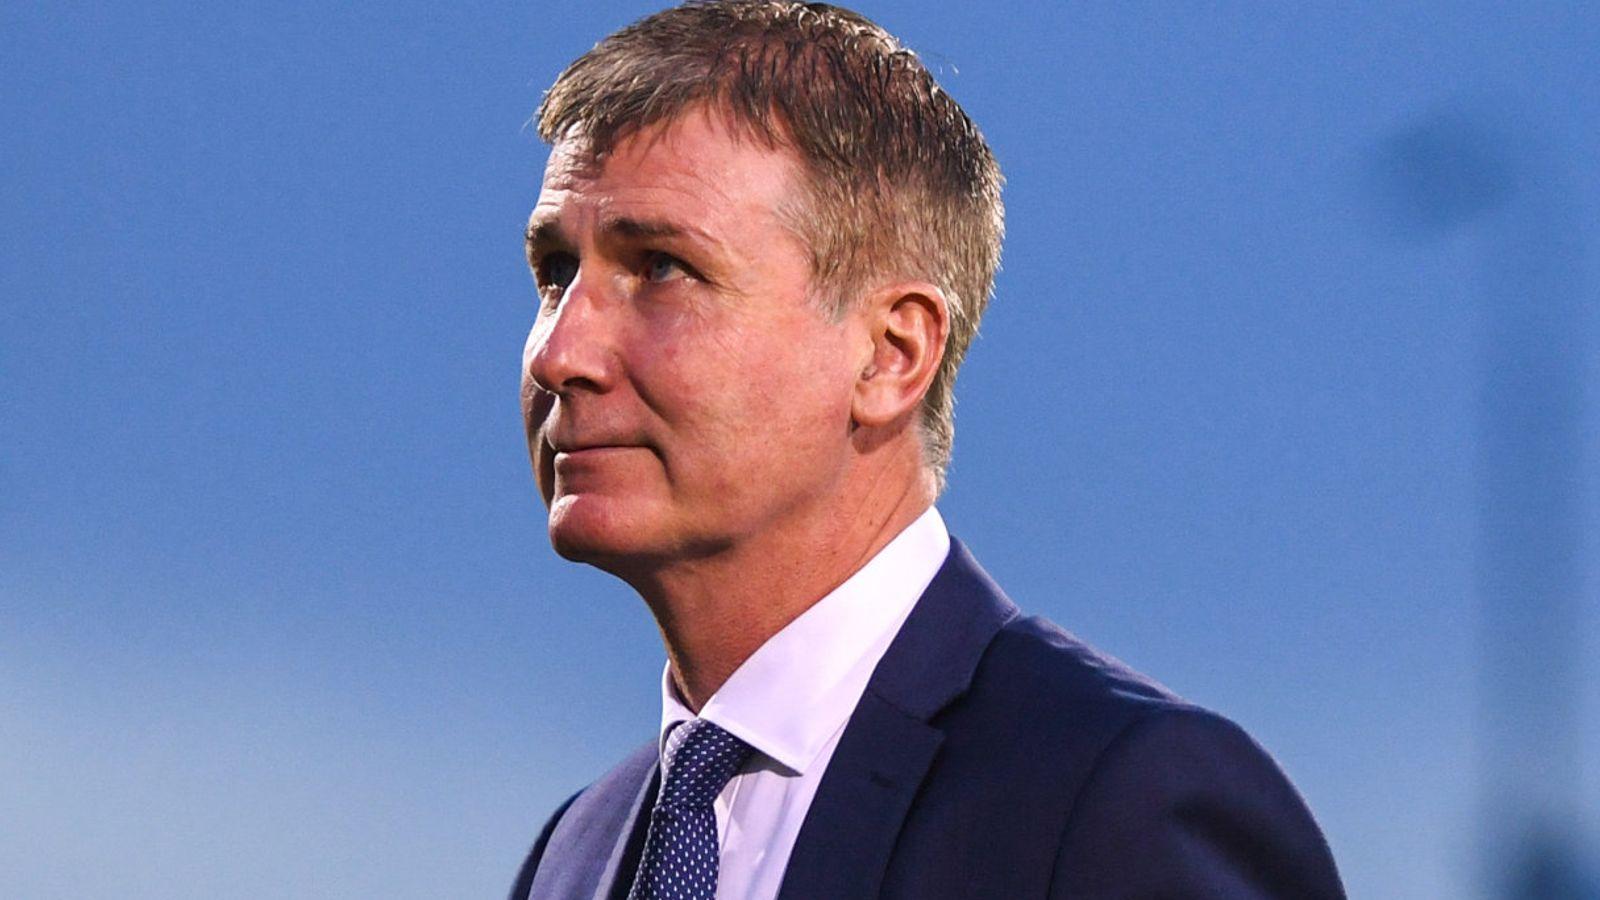 Stephen Kenny: el jefe de la Nueva República de Irlanda dice que no es momento de celebrar una cita | Noticias de futbol 31